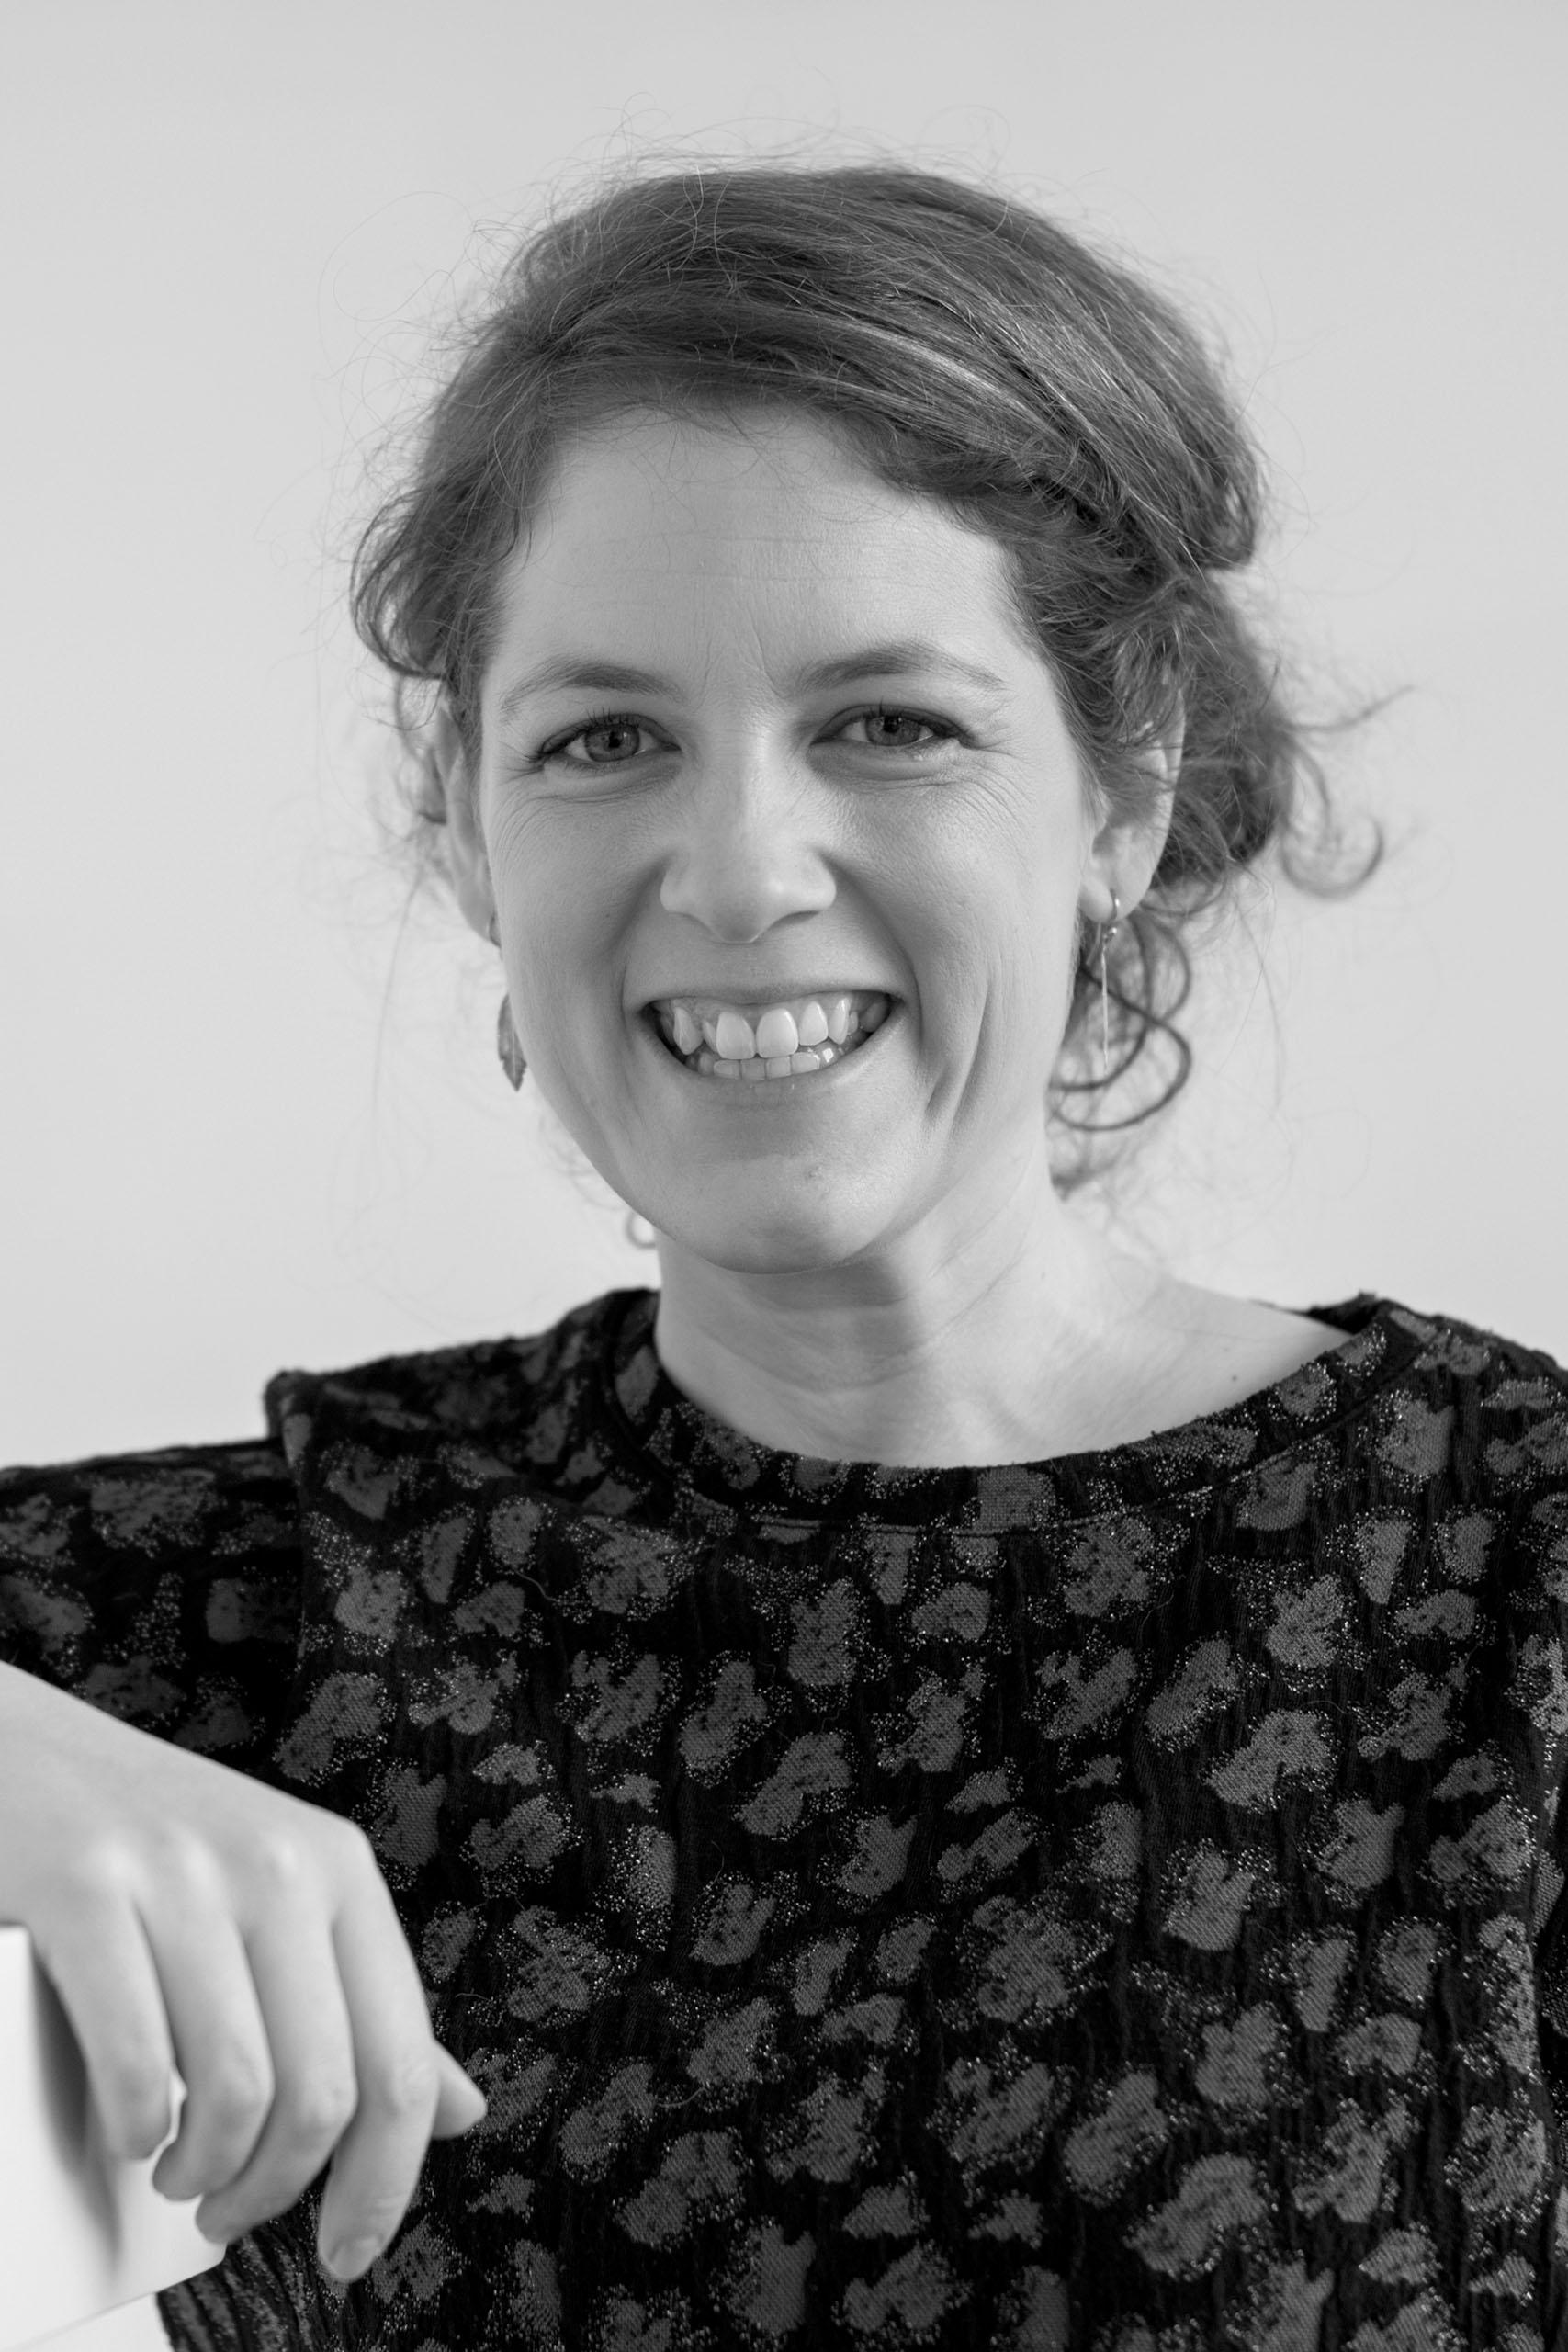 Karen Vanhoren